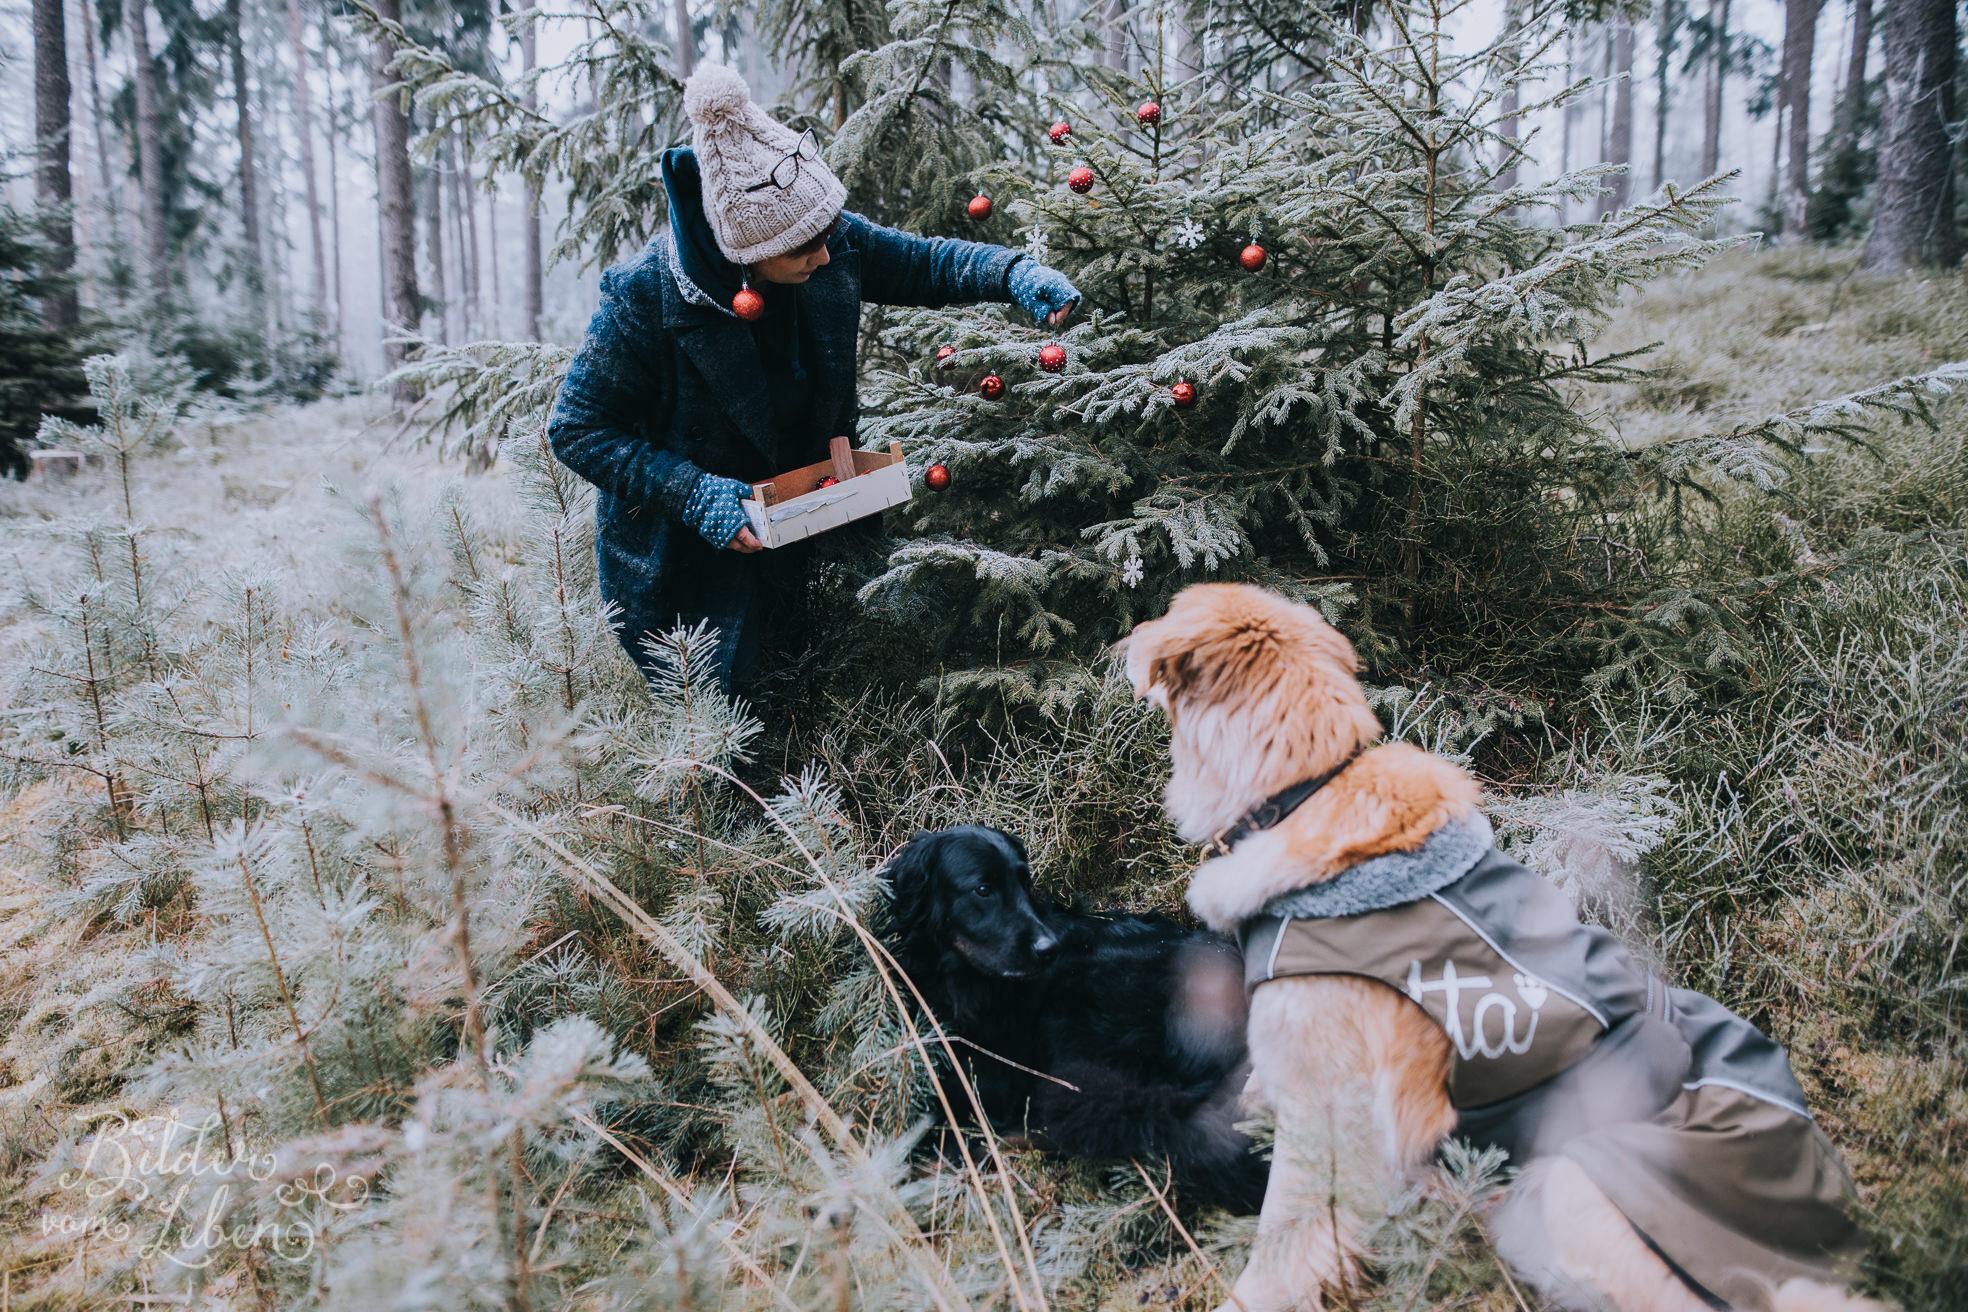 0036weihnachten-bildervomleben-imc39633